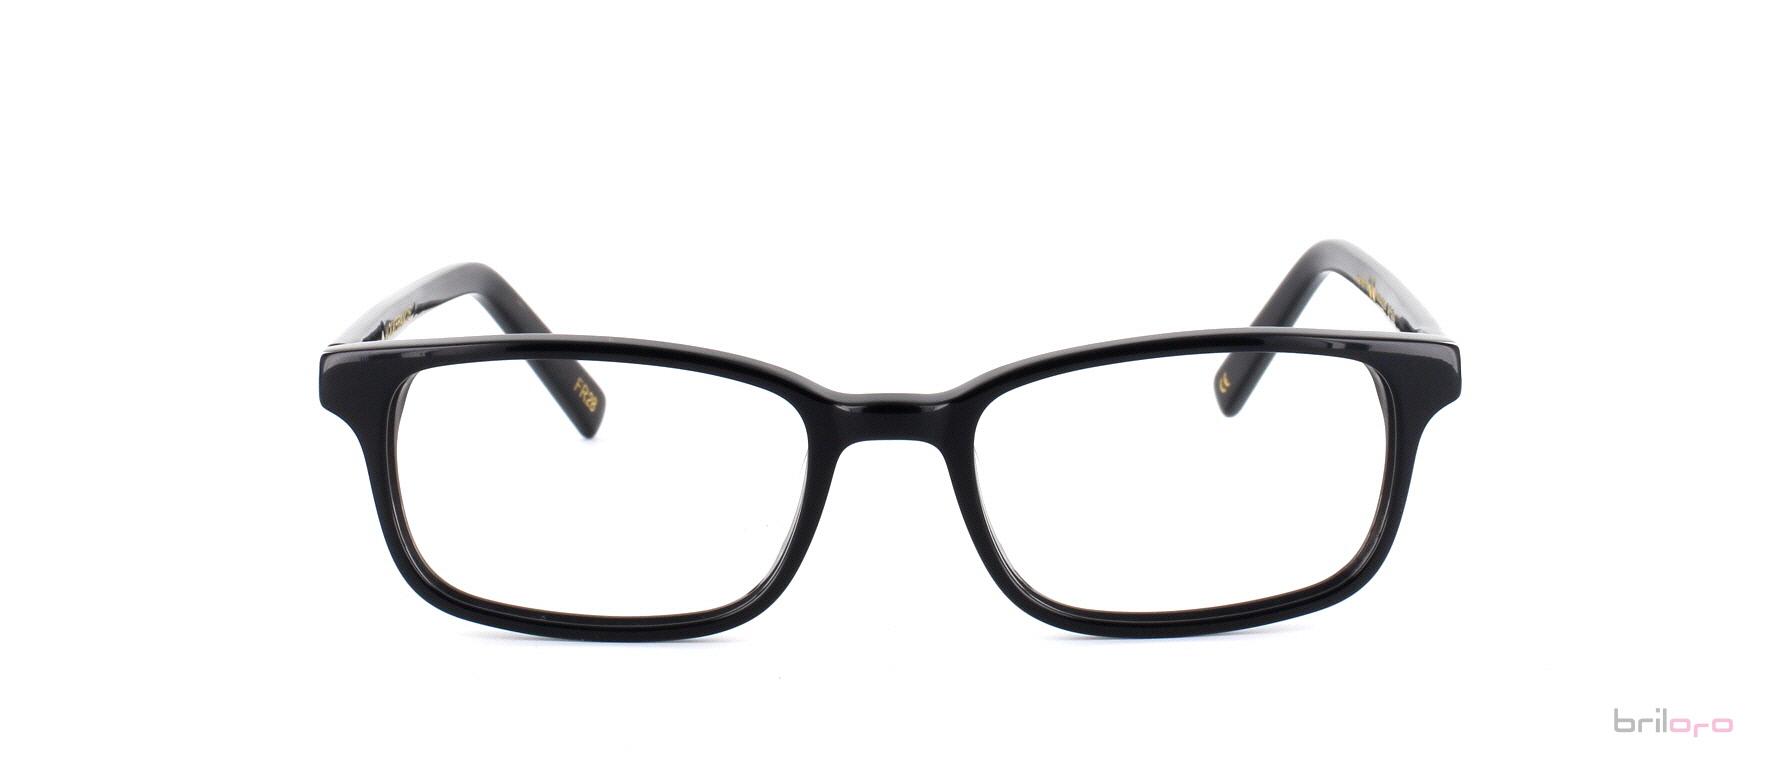 Benjamin Jet Black Brille für runde Gesichter exklusiv bei Briloro kaufen!